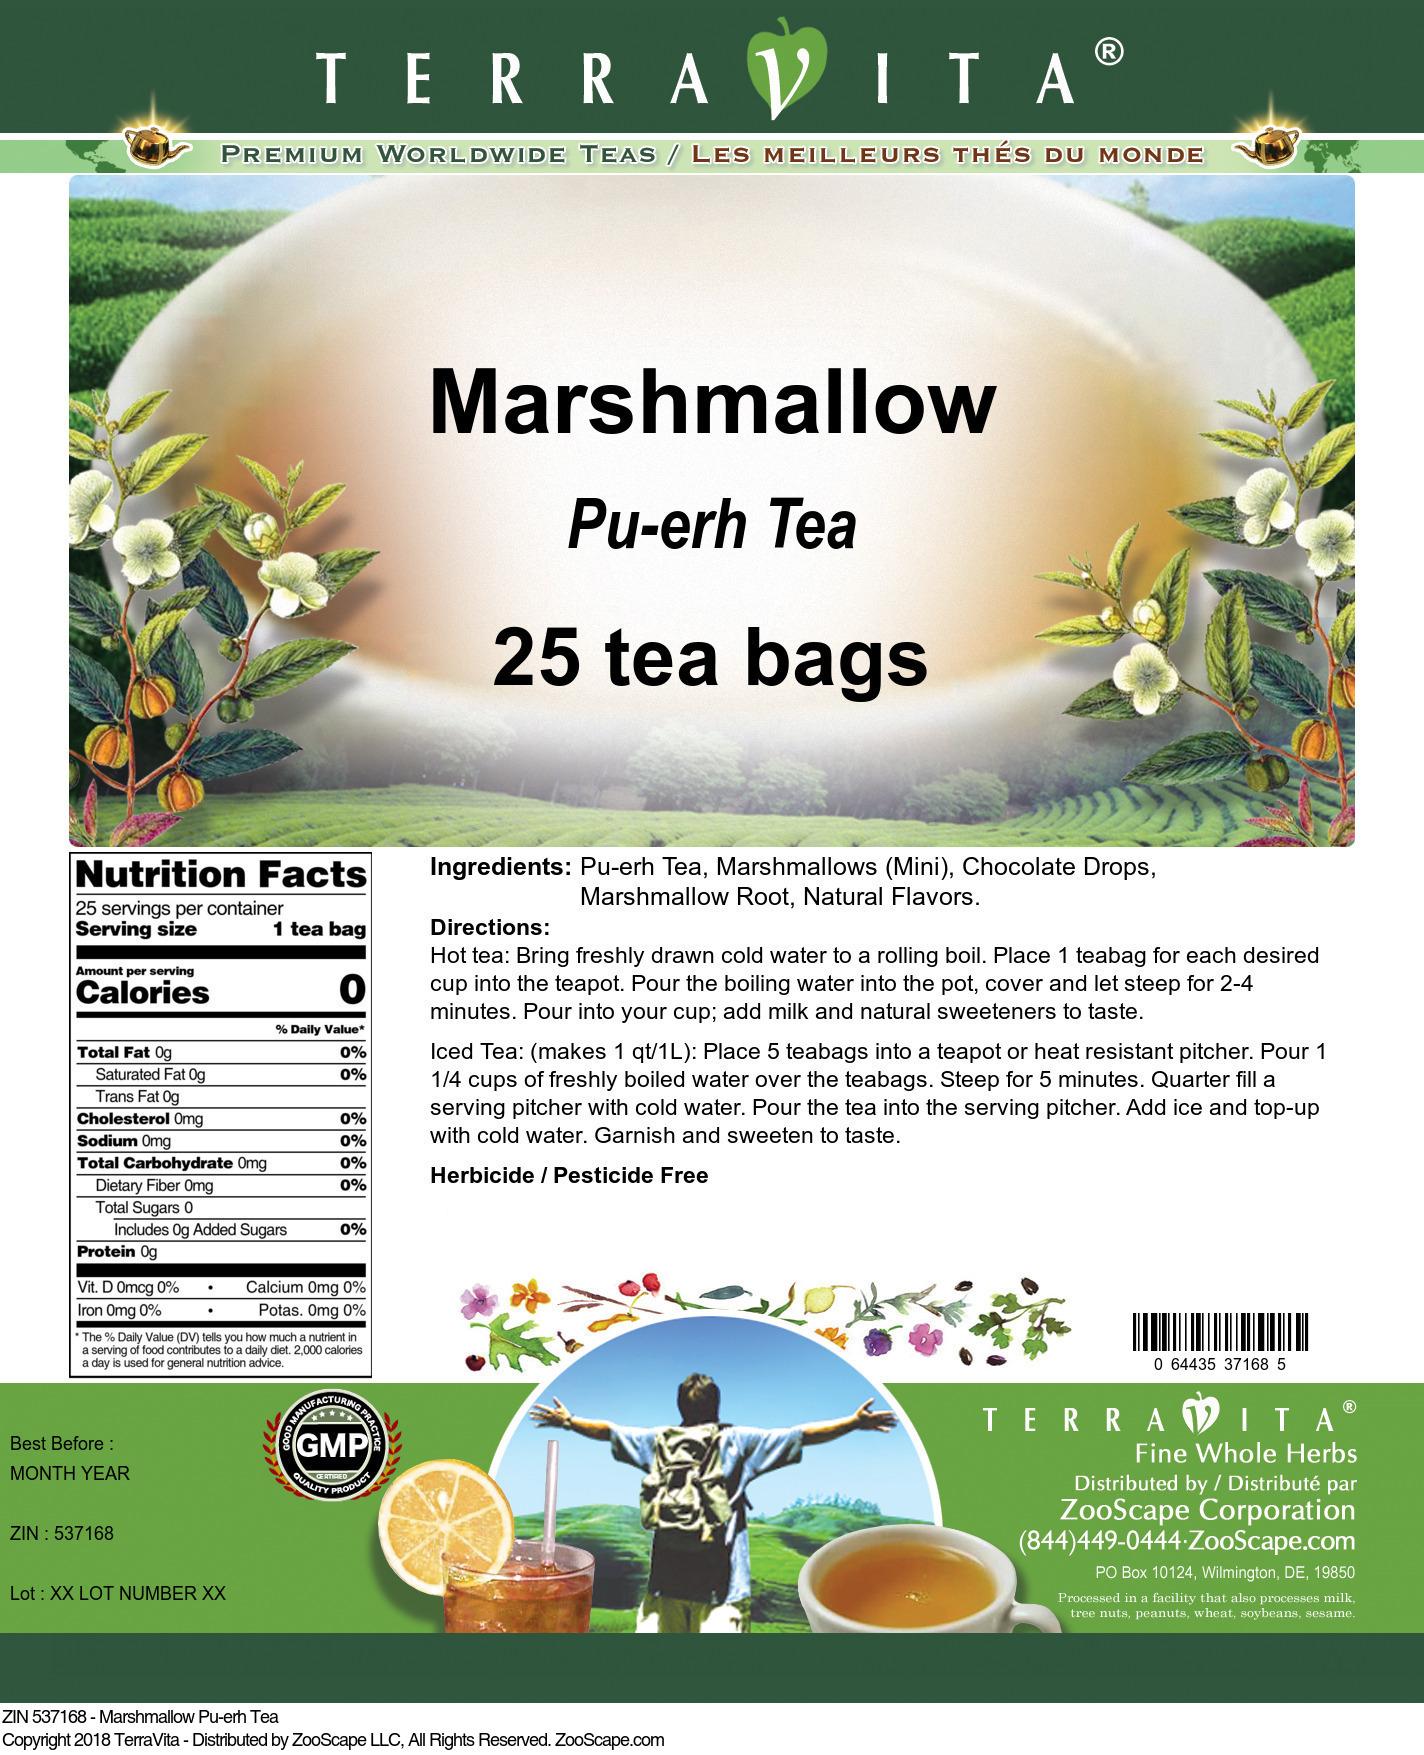 Marshmallow Pu-erh Tea